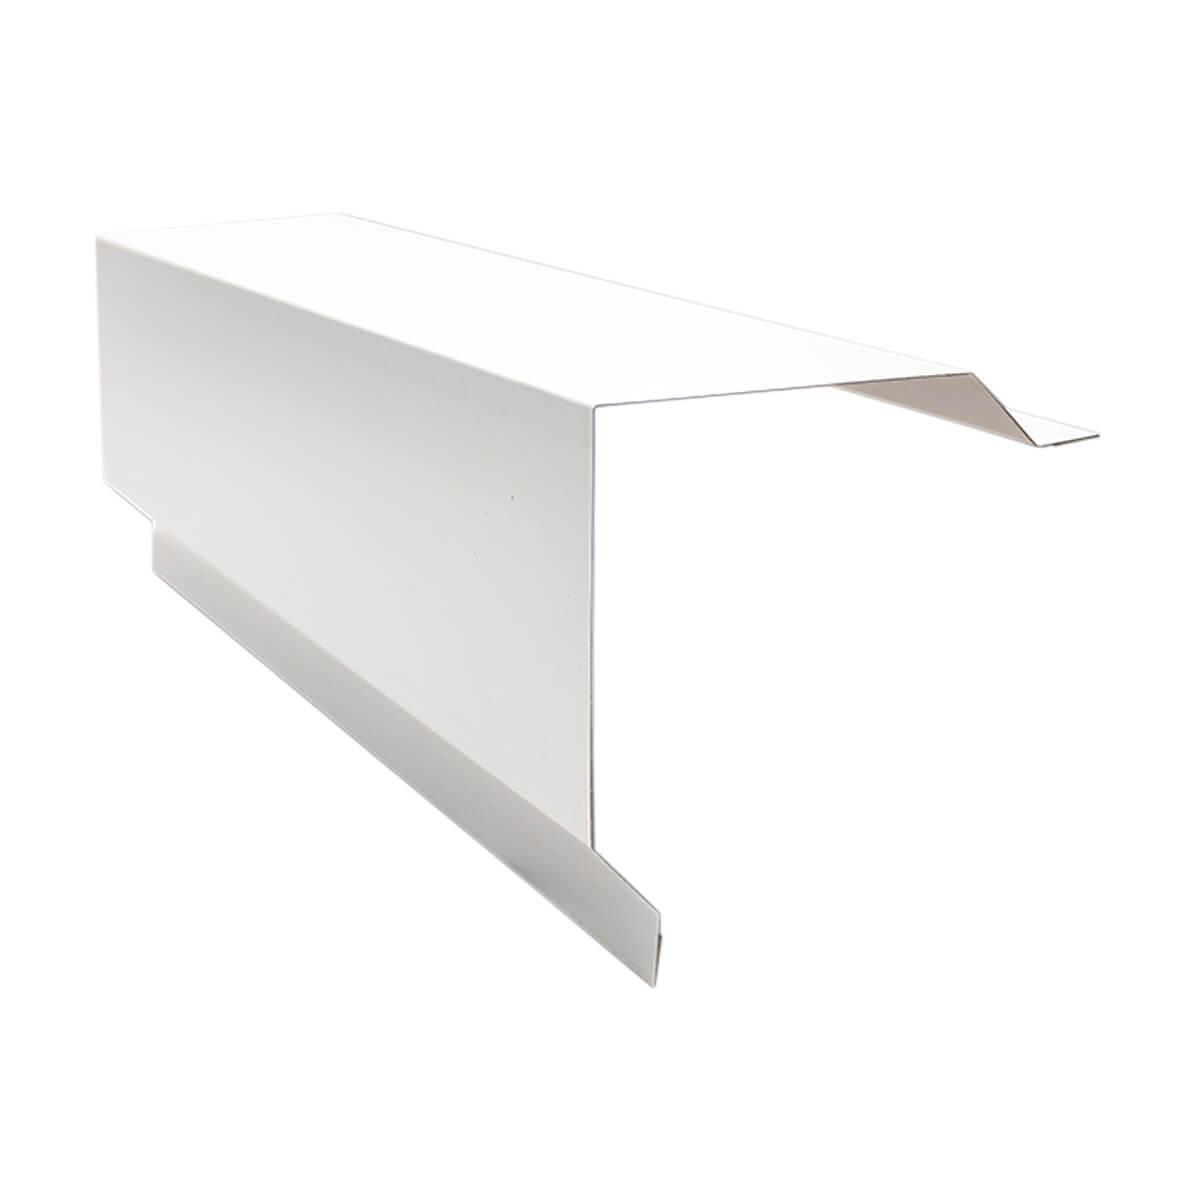 Duraclad Corner Cap - 29GA - 10' - Brite White